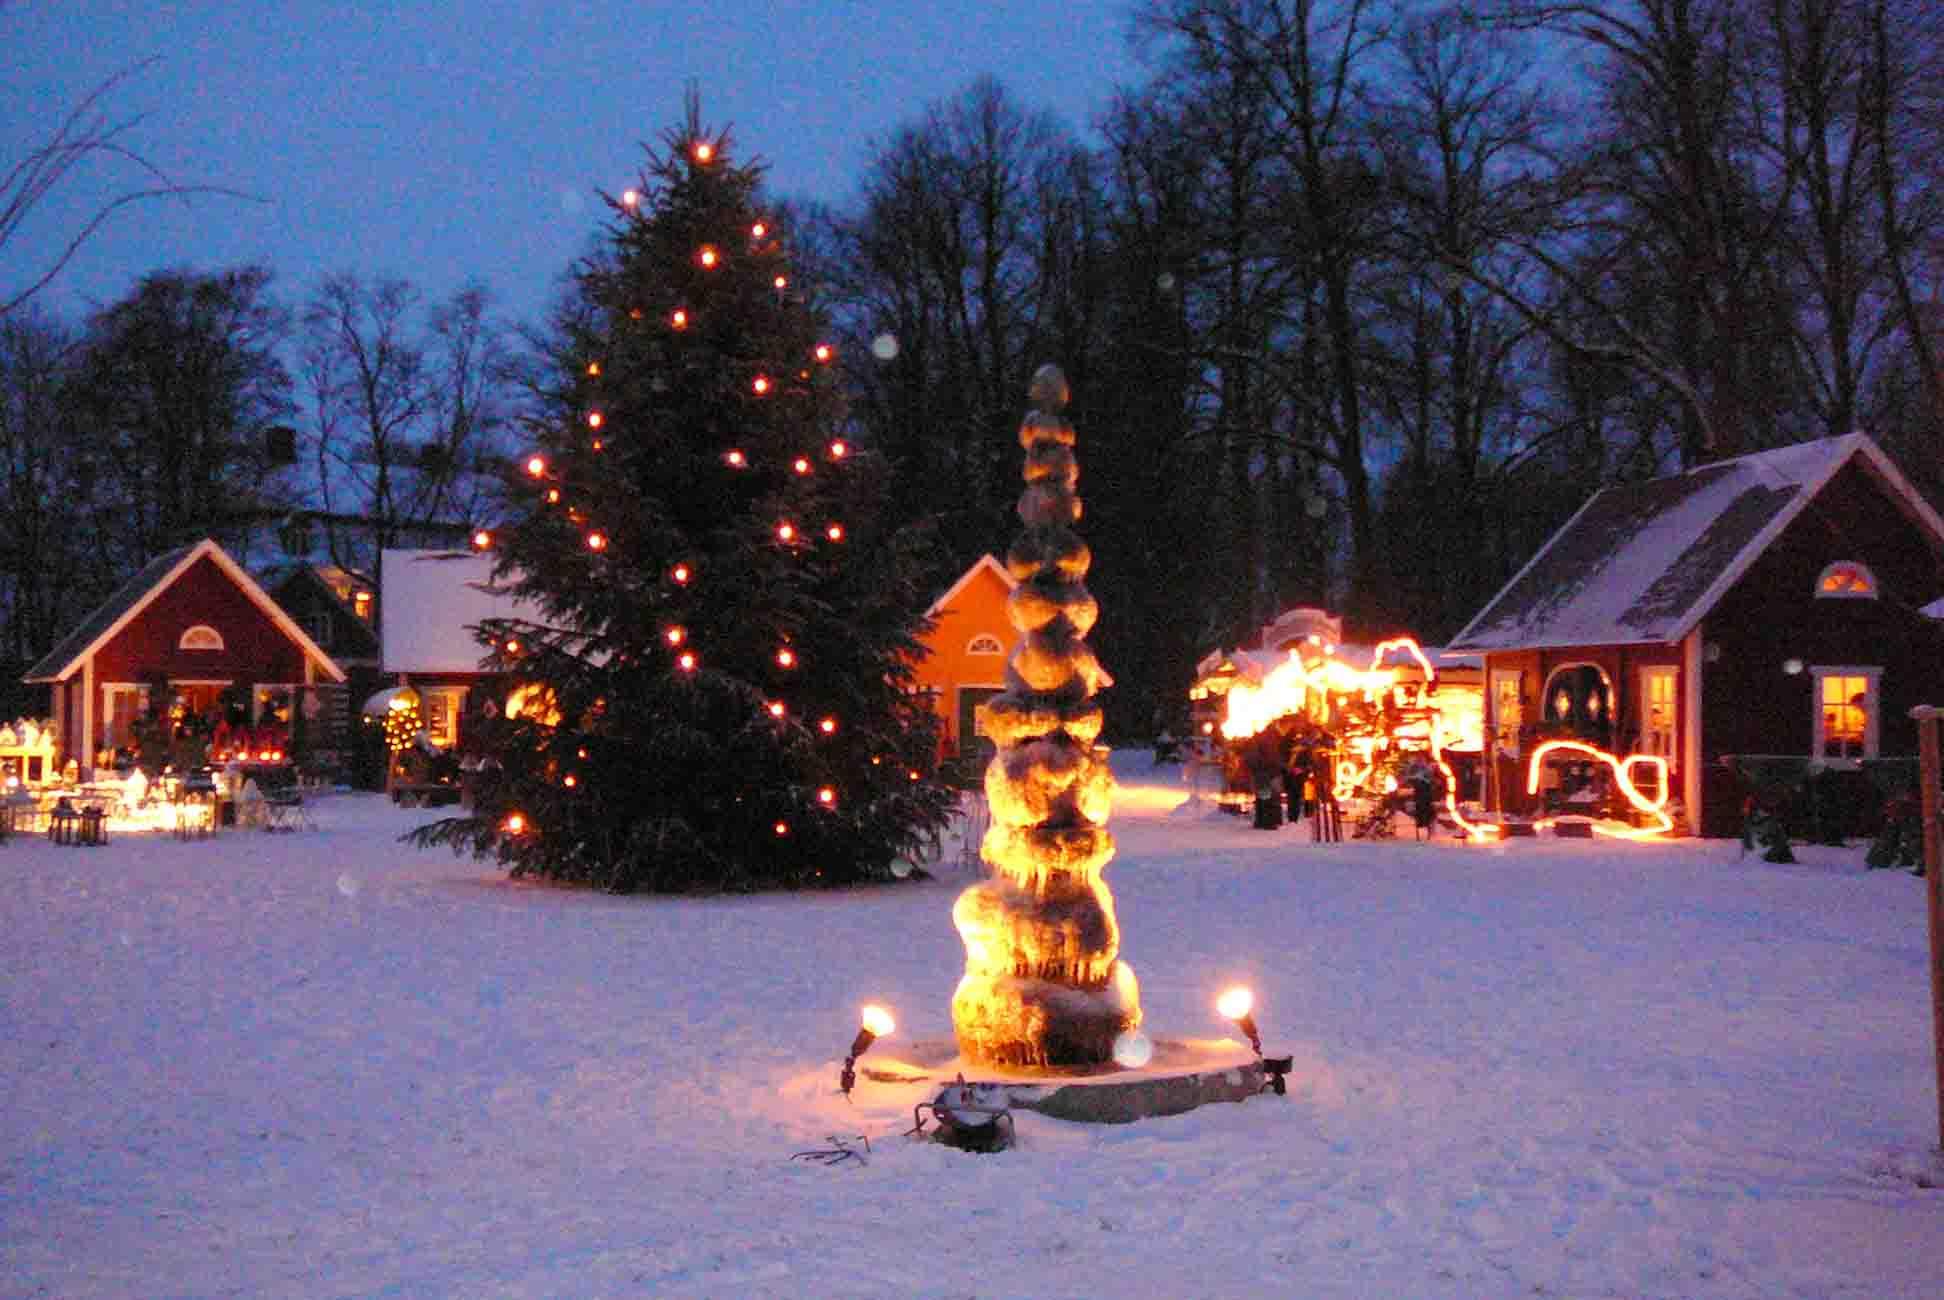 Pronstorfer Weihnacht Anlage